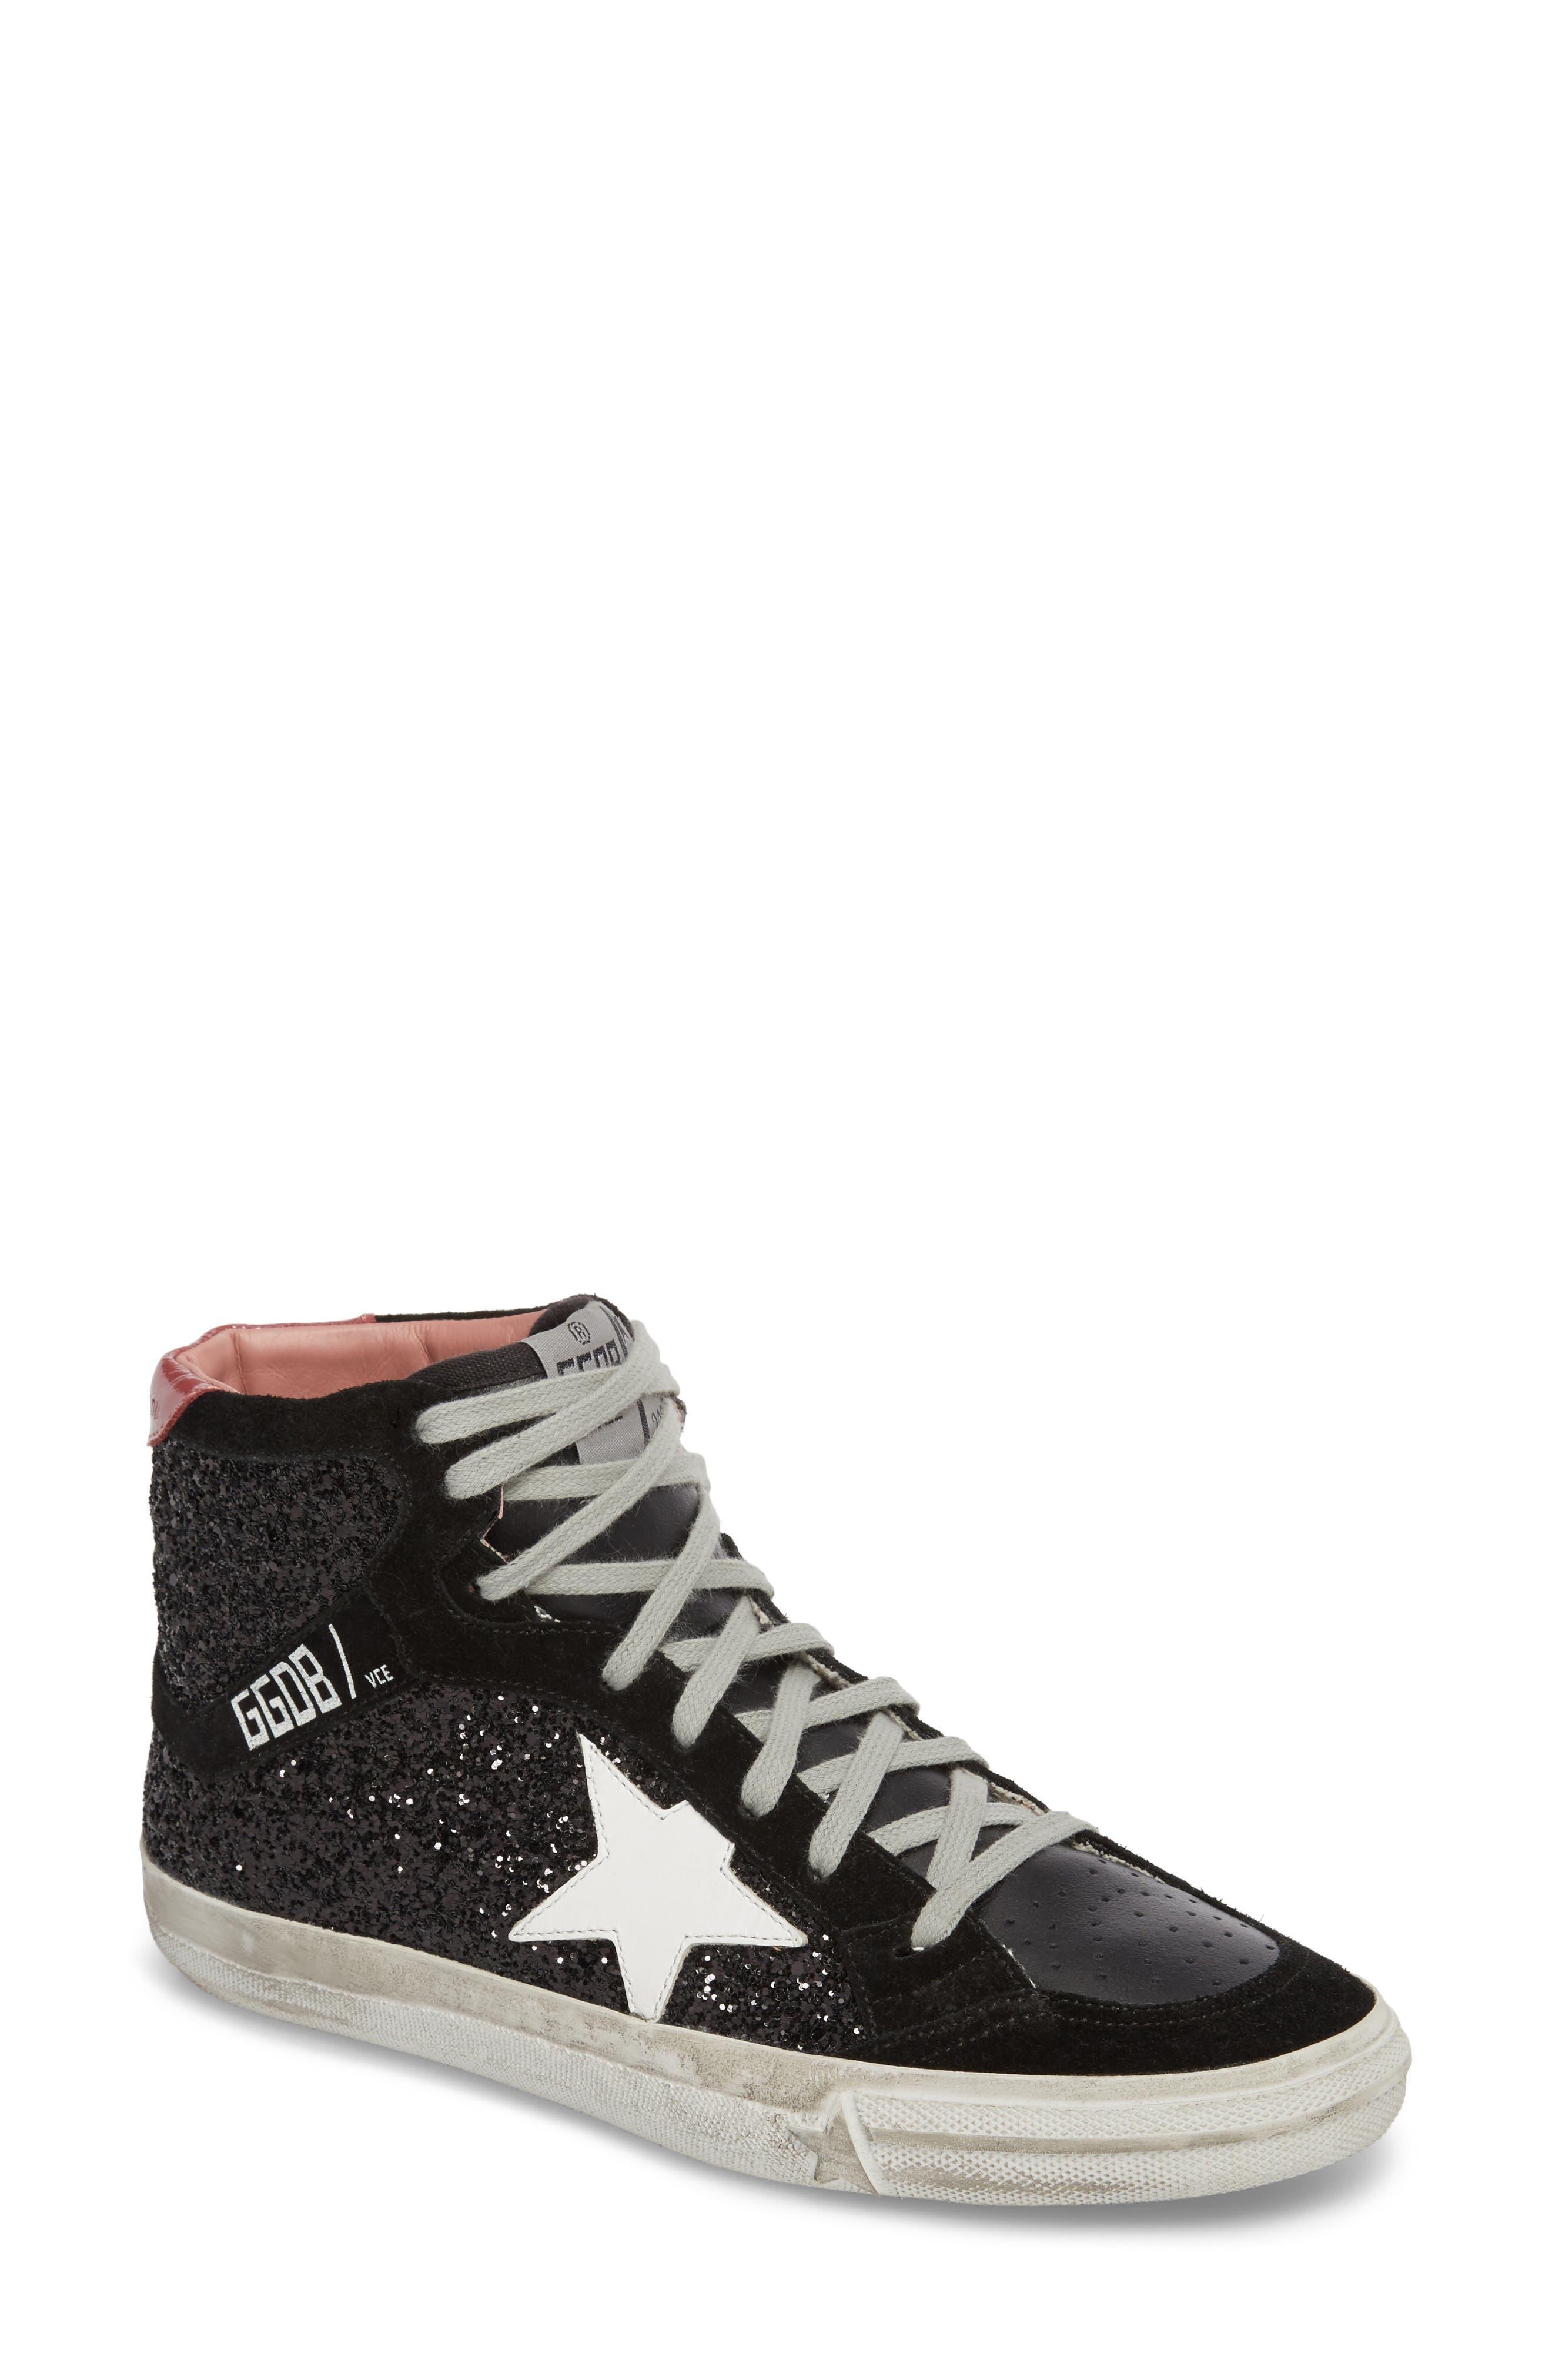 Buy cheap high top tennis shoes \u003eUp to